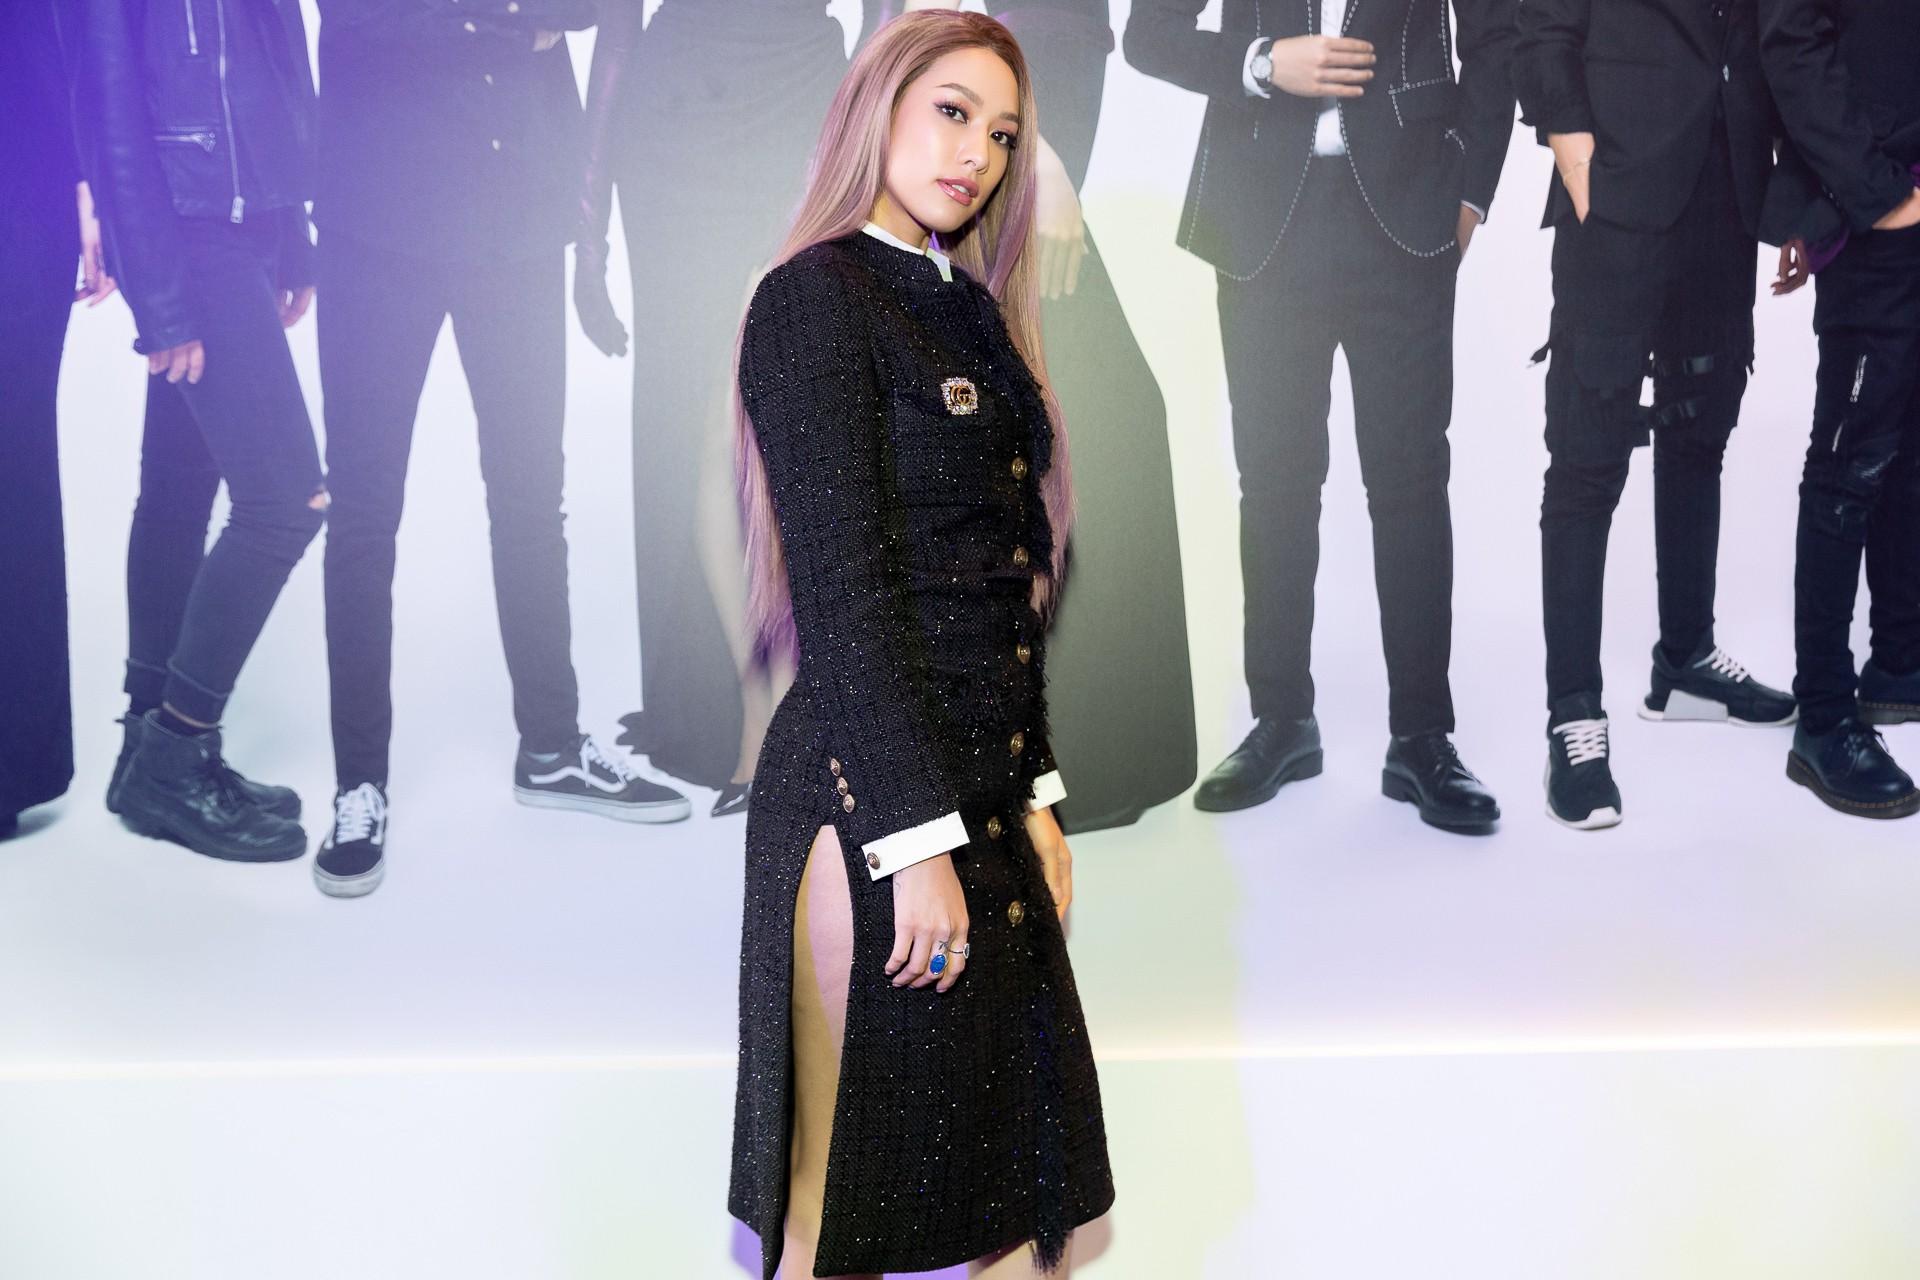 Hoa hậu Hương Giang hờ hững khoe vòng 1 gợi cảm, rapper Đen Vâu cực ngầu hội ngộ dàn sao Việt - Ảnh 10.